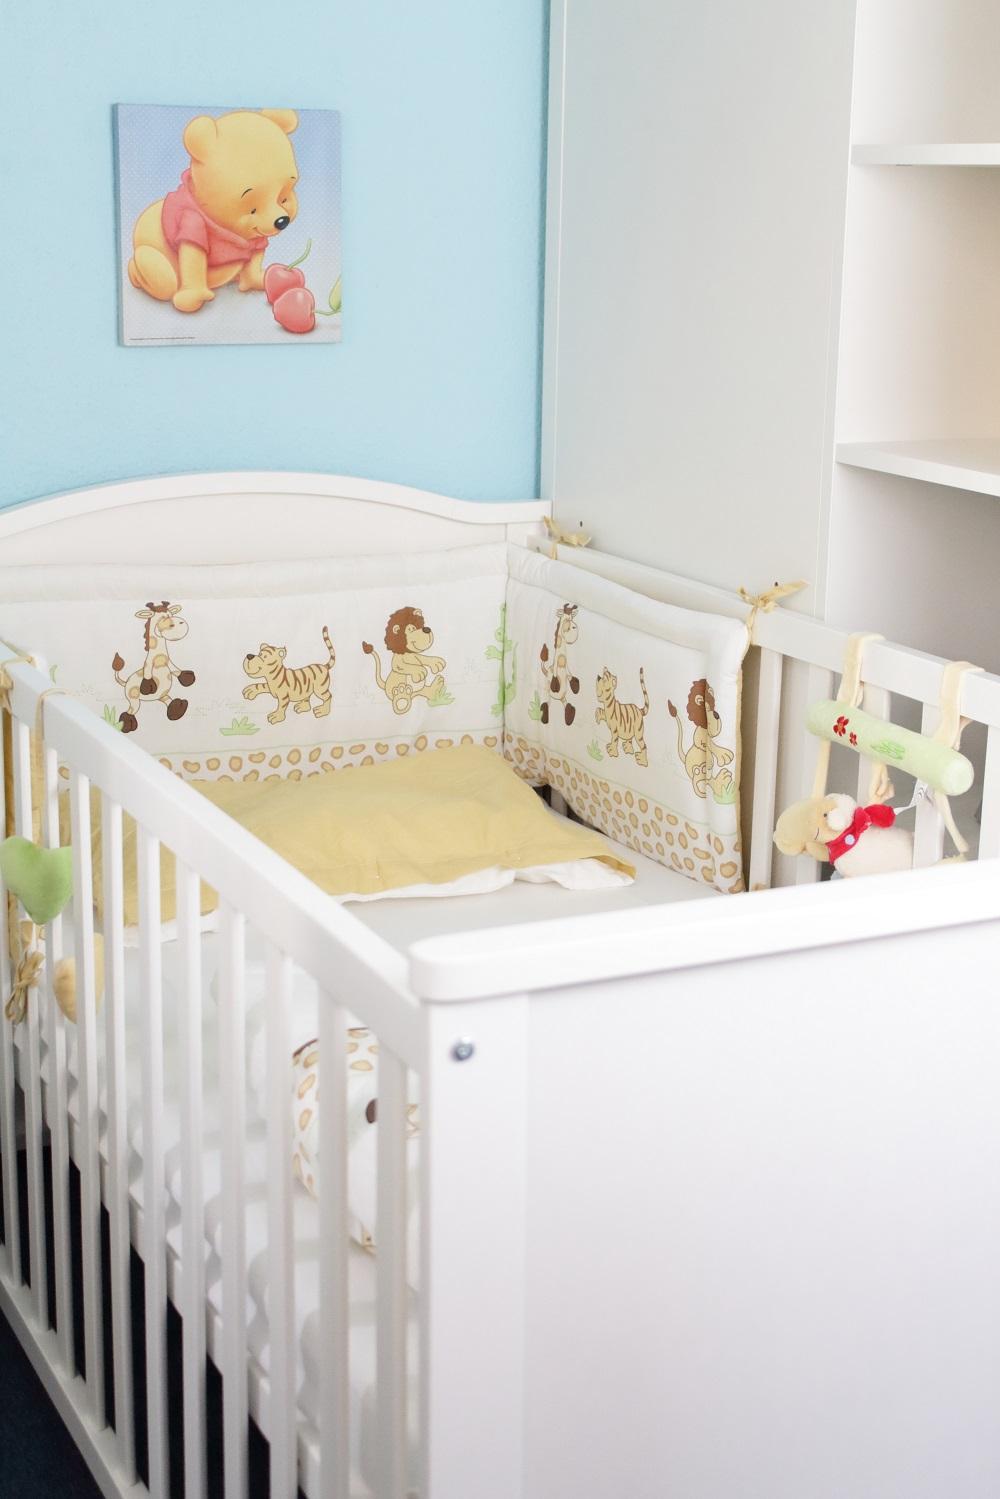 [Anzeige] Der erste Schlafplatz für's Baby - Babybett im Kinderzimmer